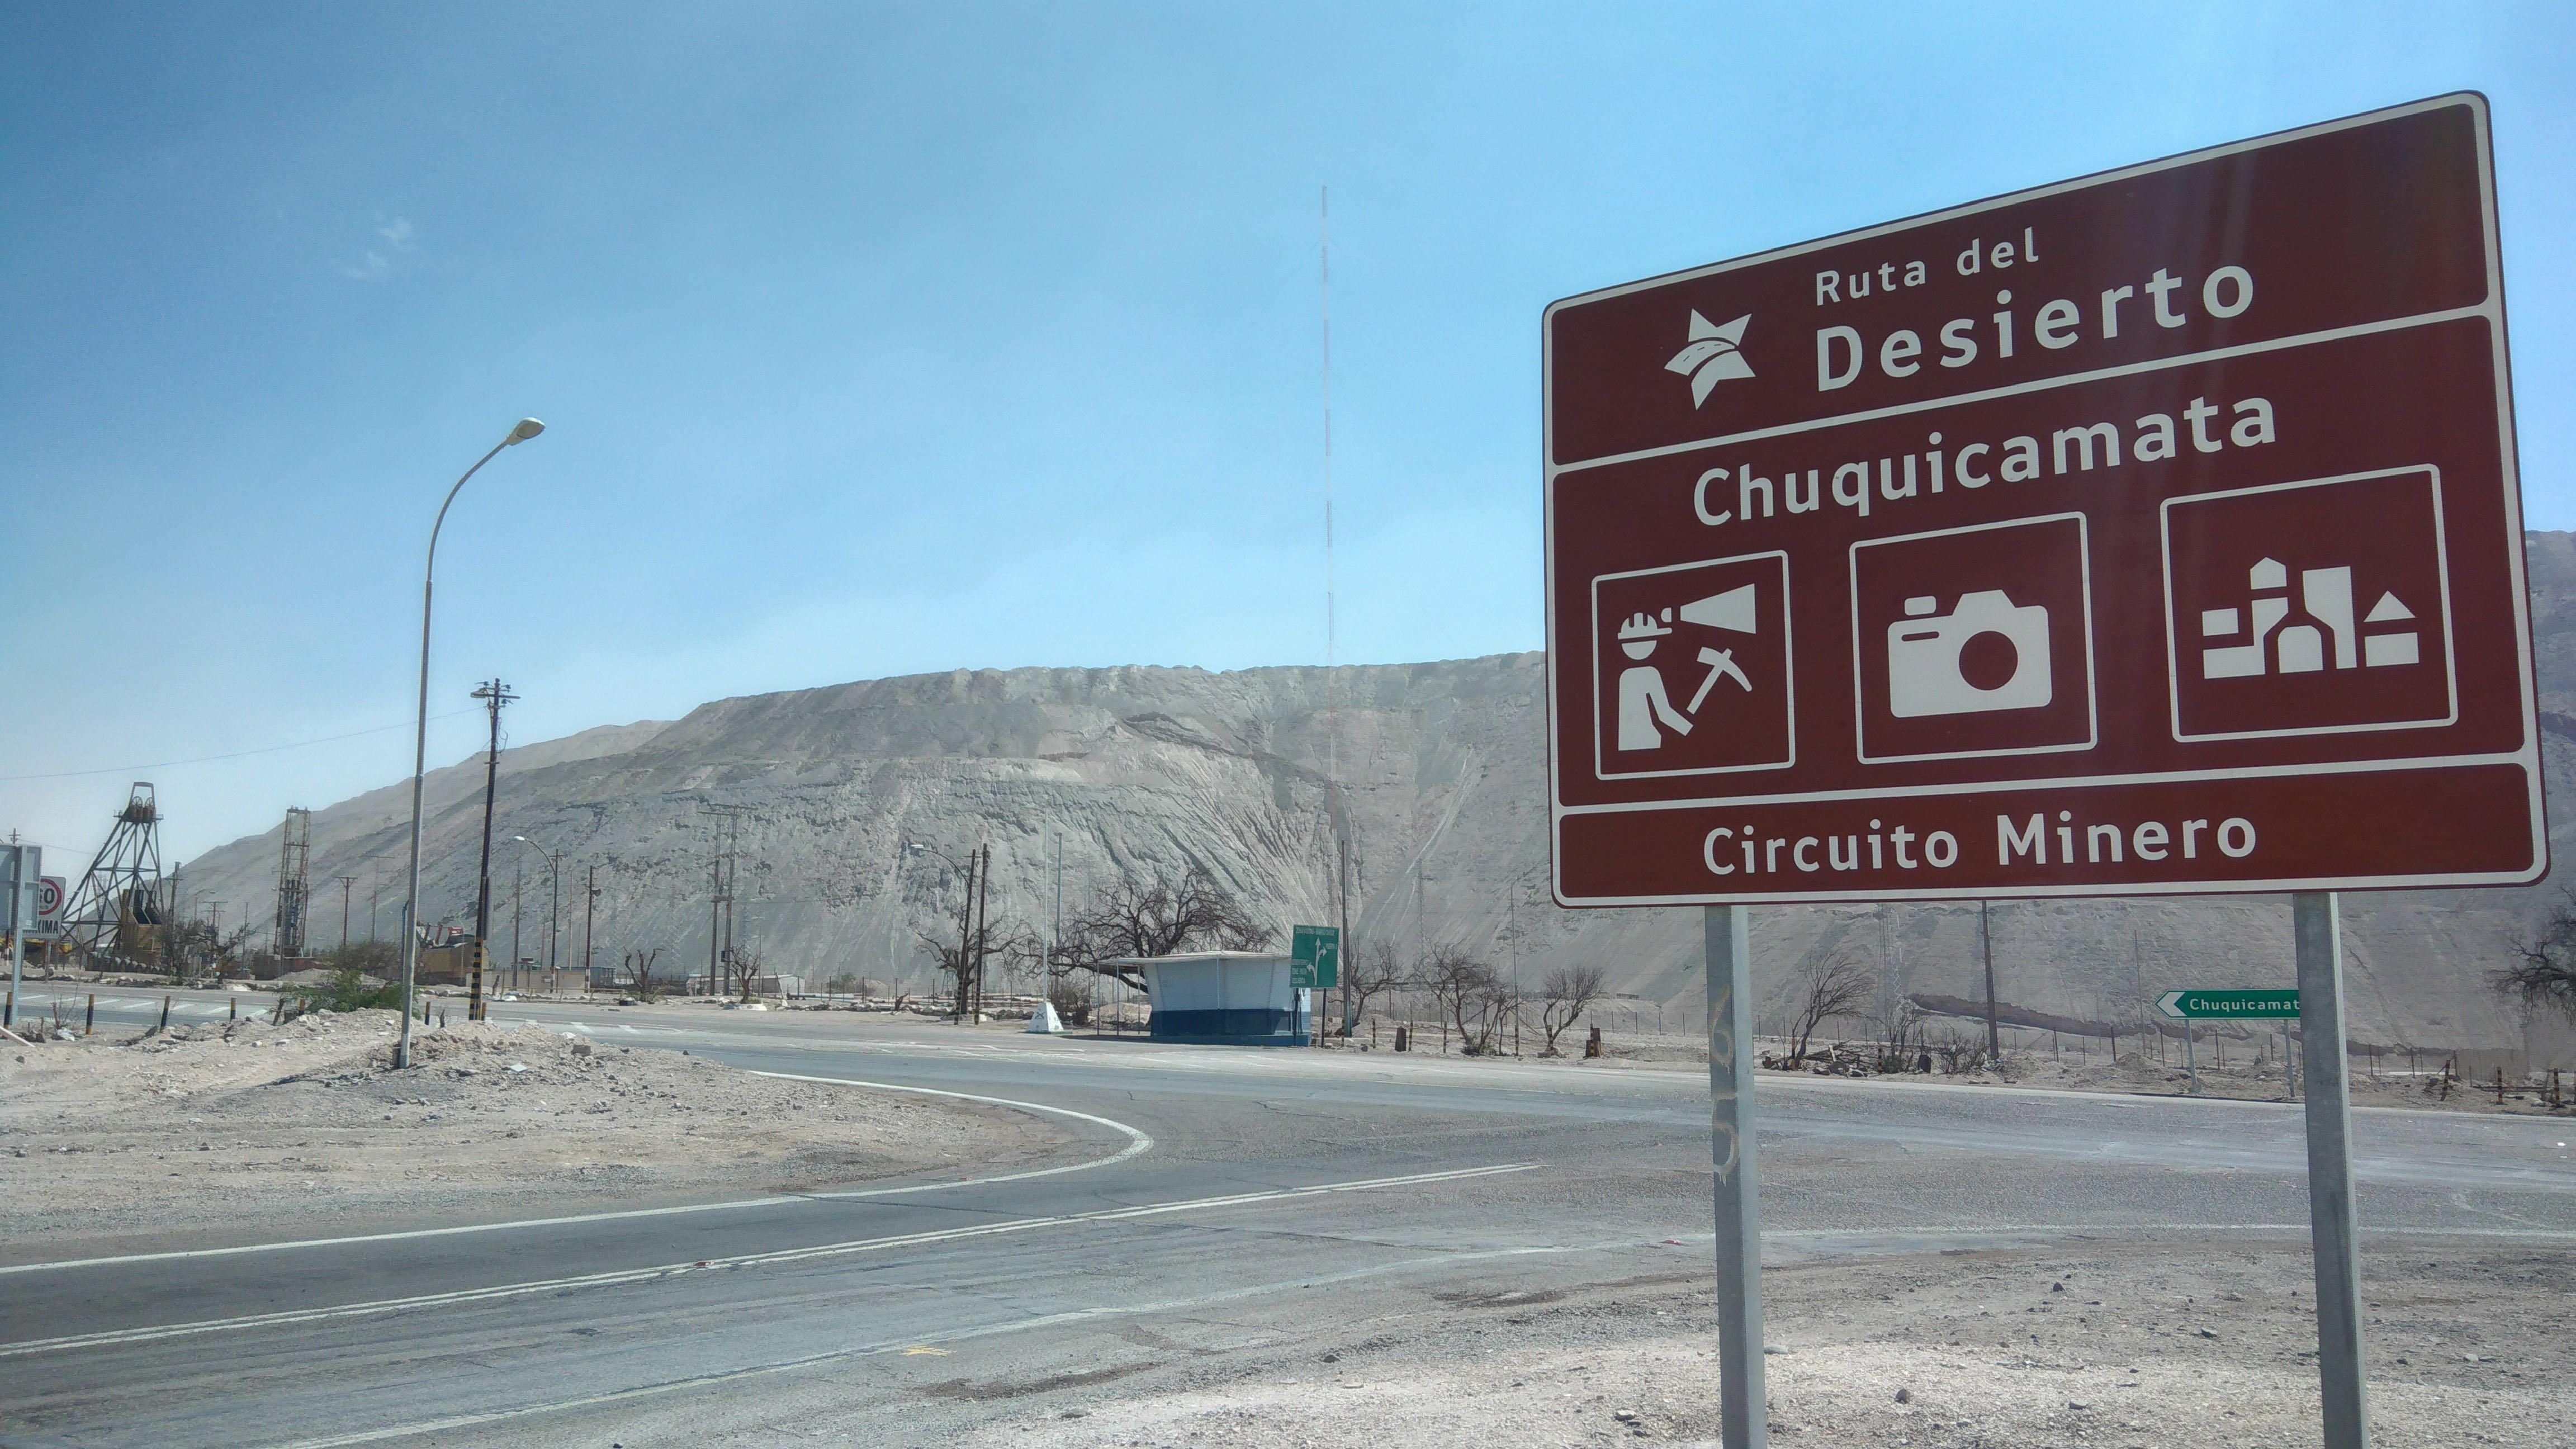 001 1412 Mine Chuquicamata 2jpeg